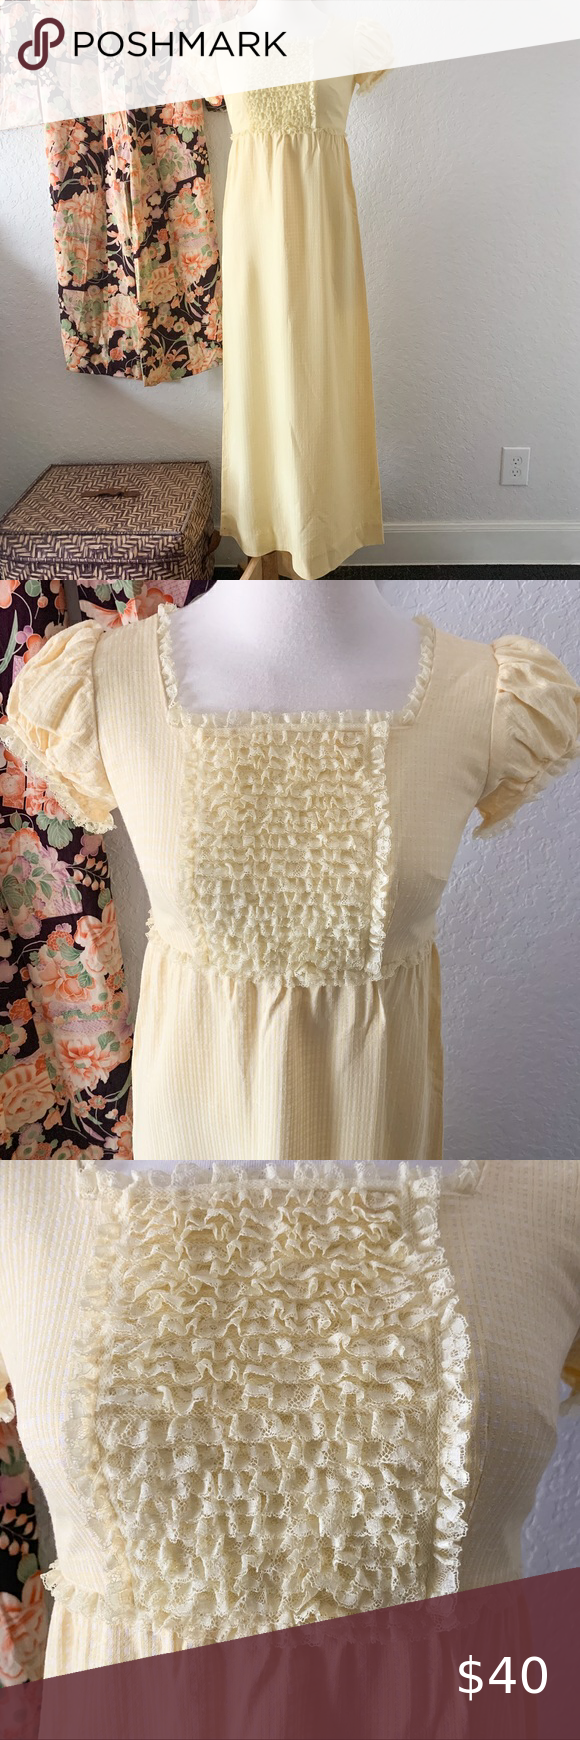 Vintage Ruffle Dress Ruffle Dress Vintage Dresses Dresses [ 1740 x 580 Pixel ]